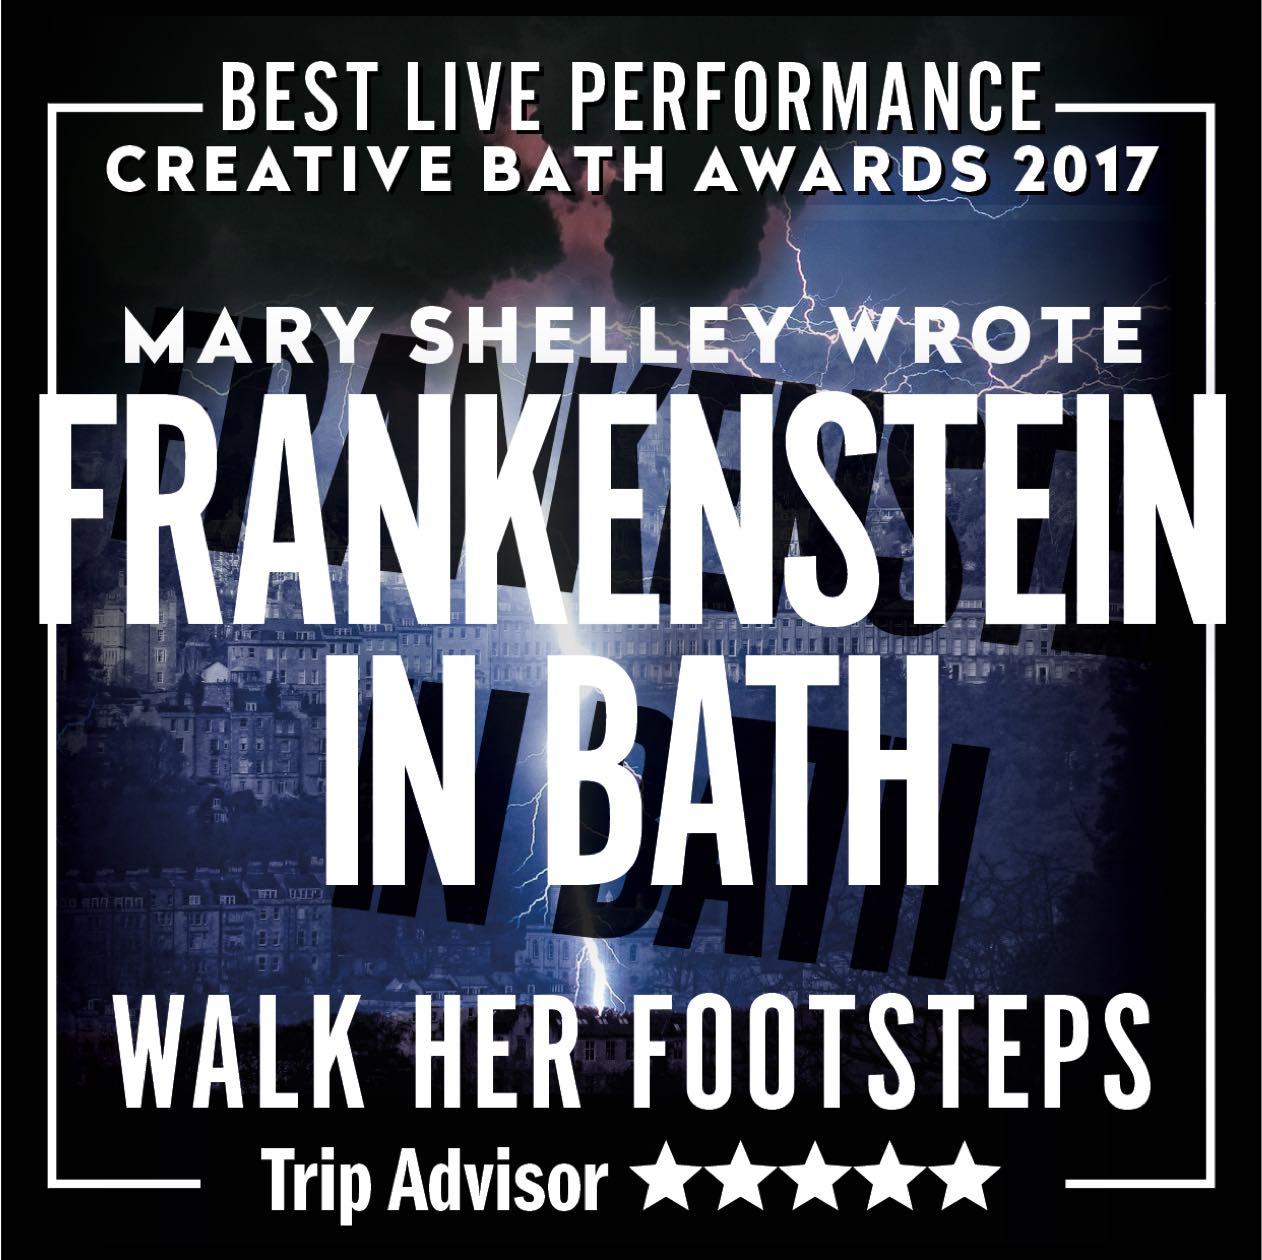 Frankenstein in Bath